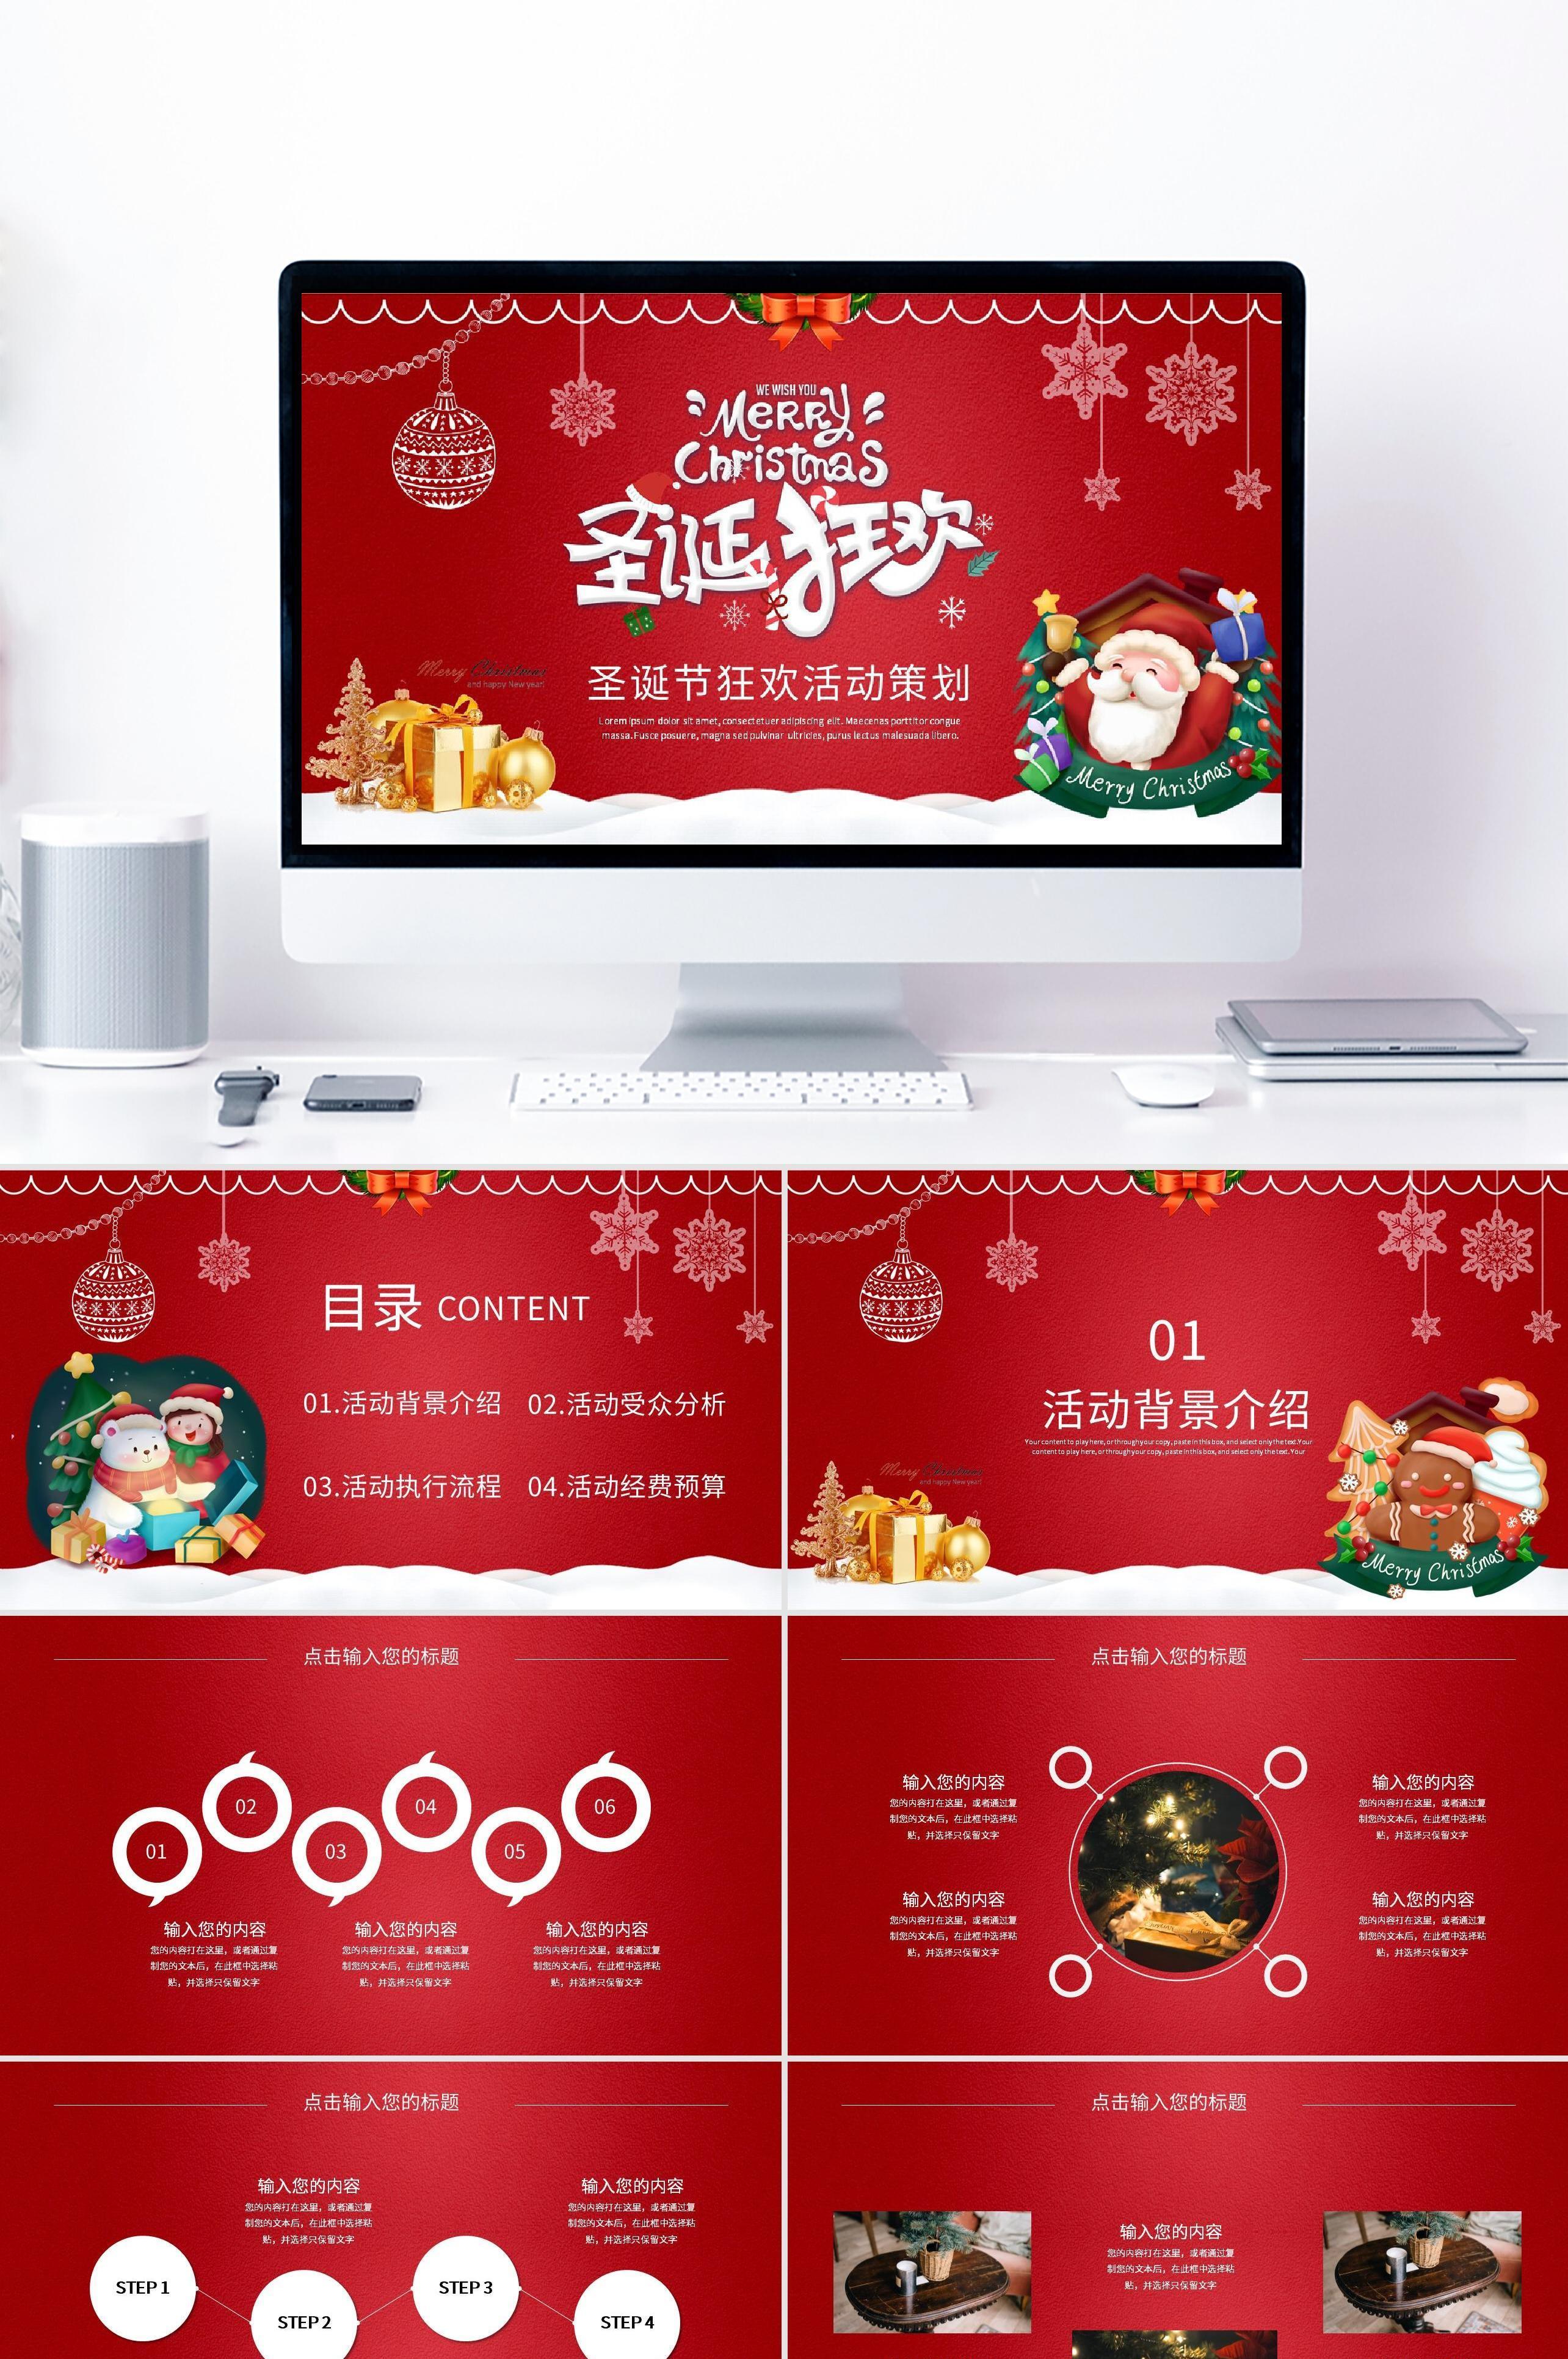 圣诞节狂欢活动策划PPT幻灯片模板